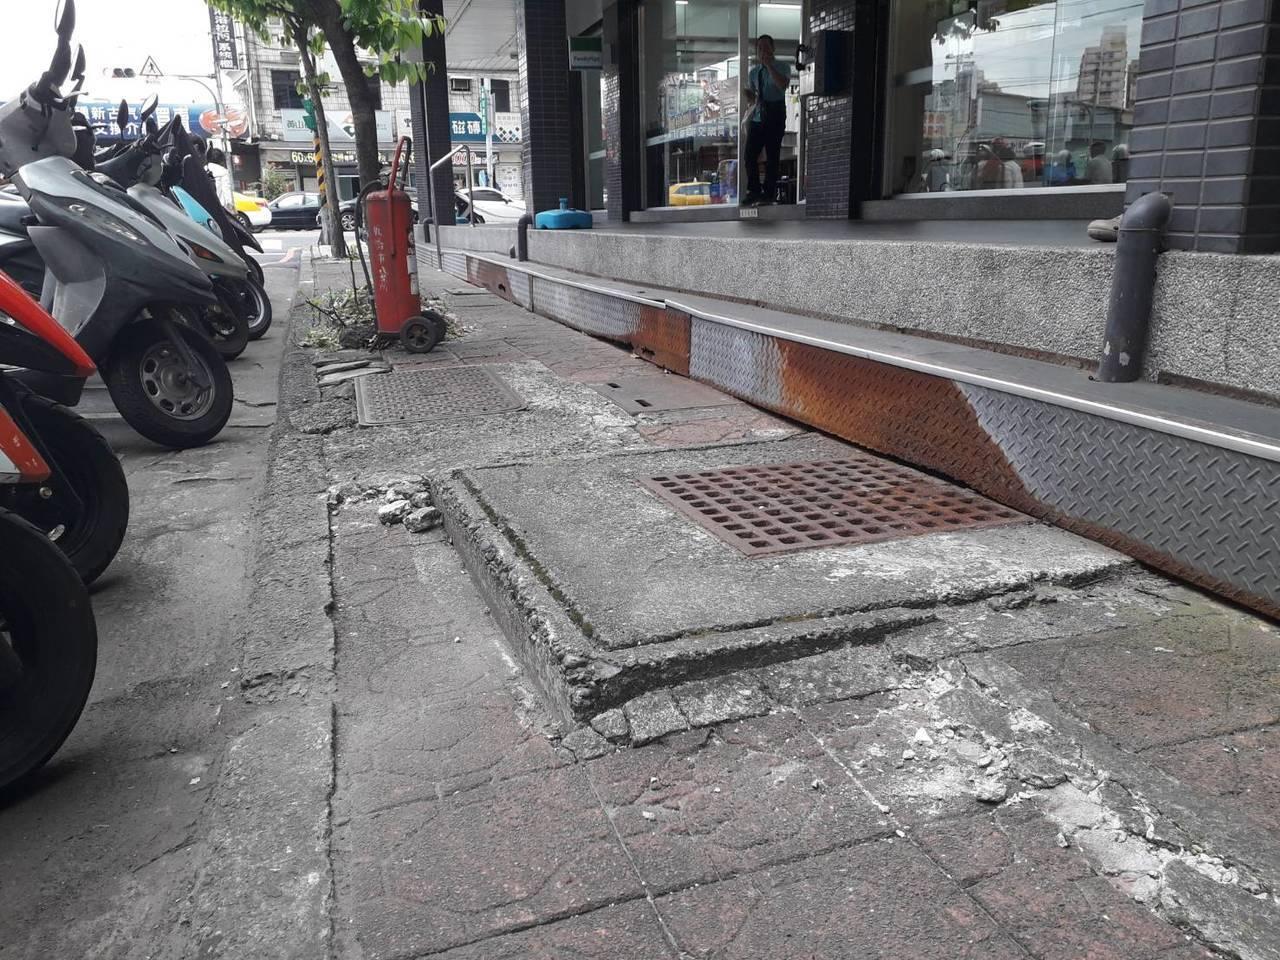 新北市板橋區廣權路1號的人行道路中間明顯高低差問題,里長反映去年曾有民眾跌倒受傷...